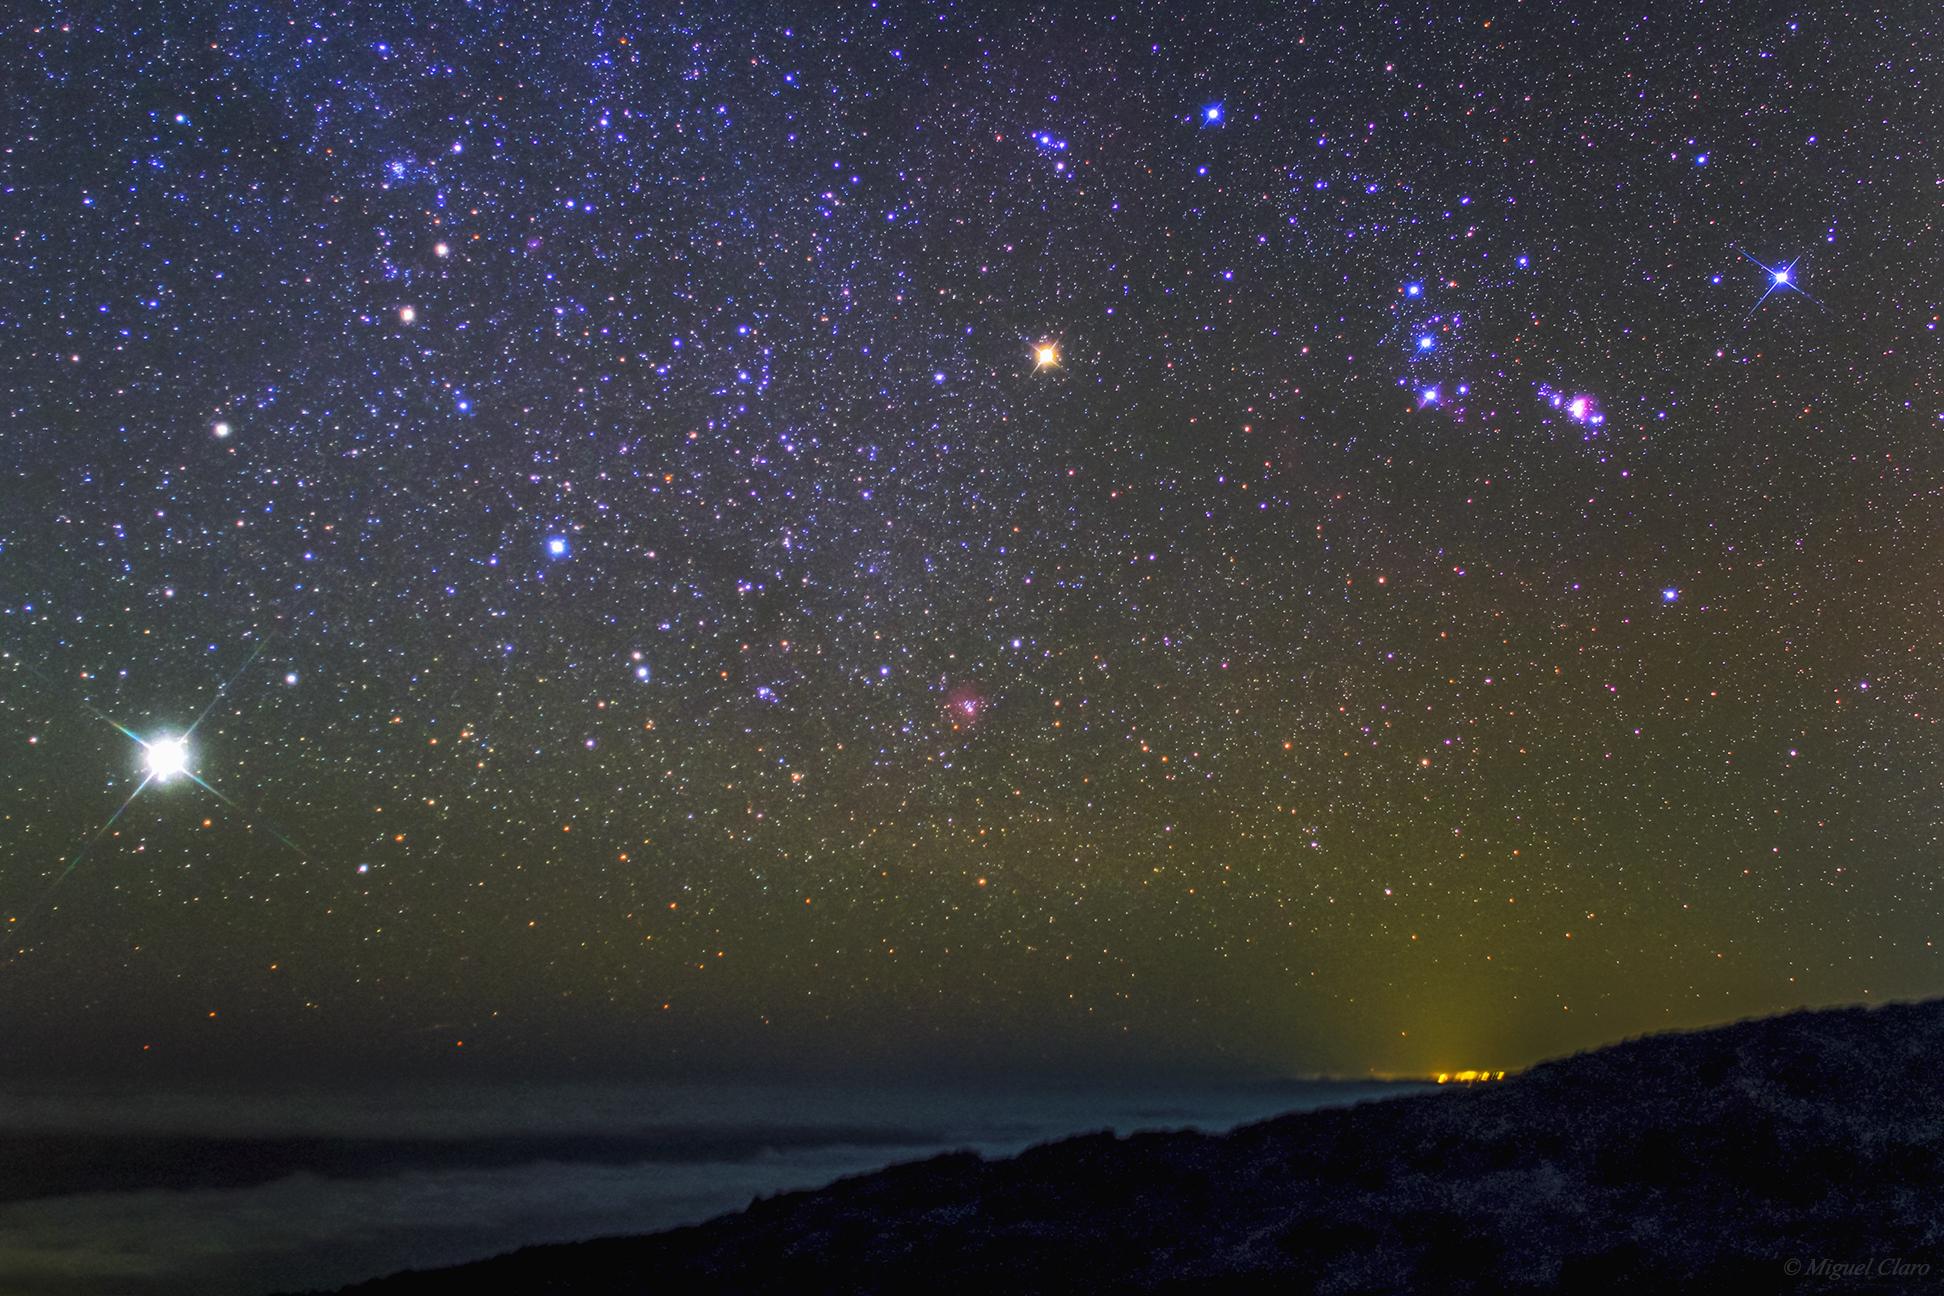 подметил, что созвездие сириус фото могут